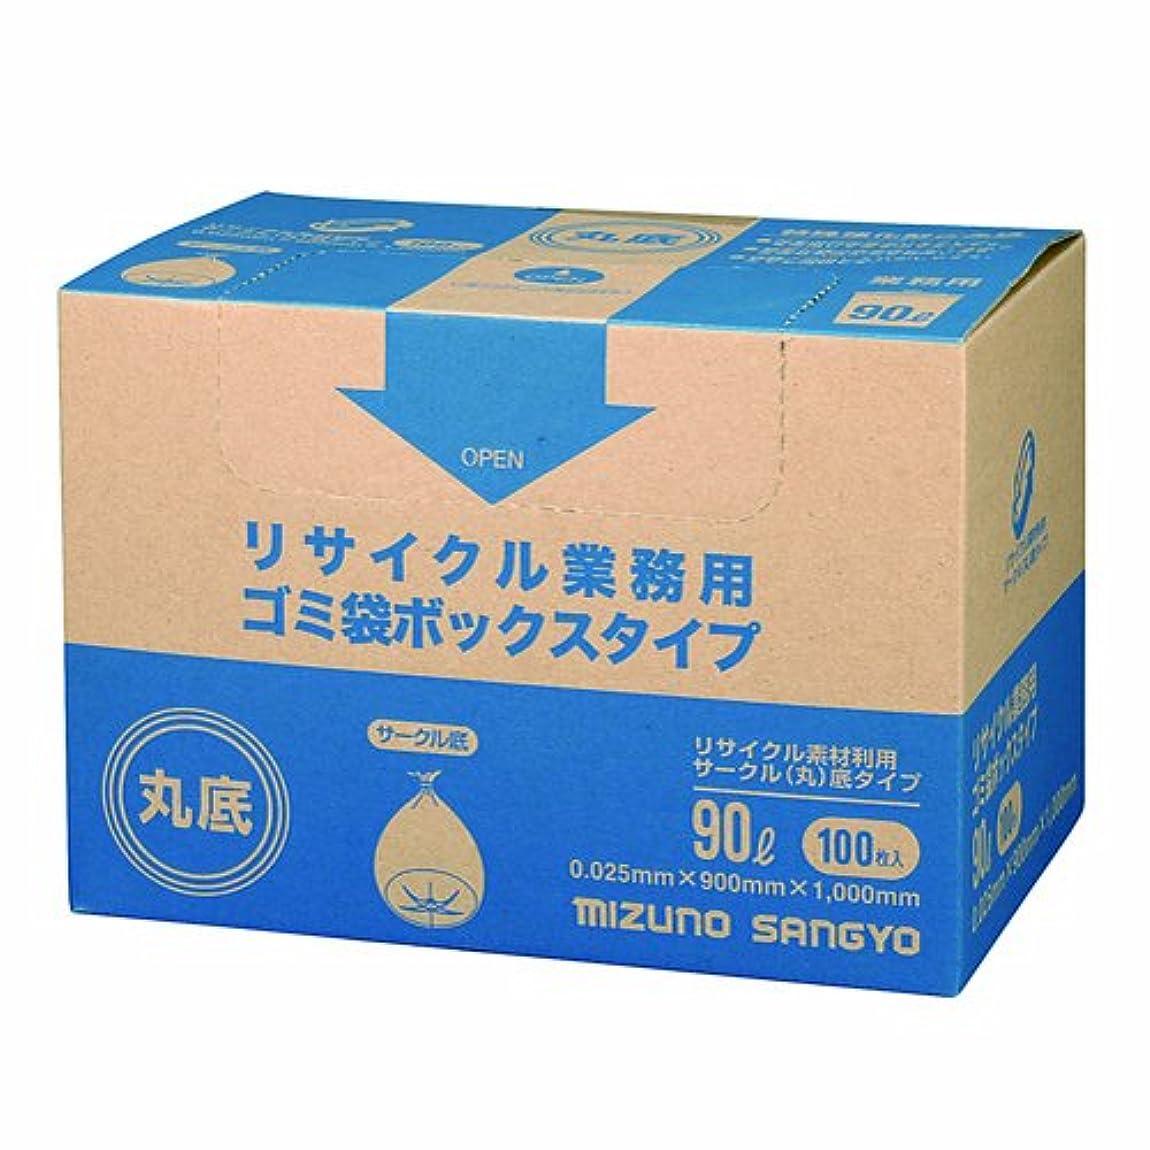 煩わしい徹底慣習リサイクル業務用ゴミ袋 BOXタイプ 90L